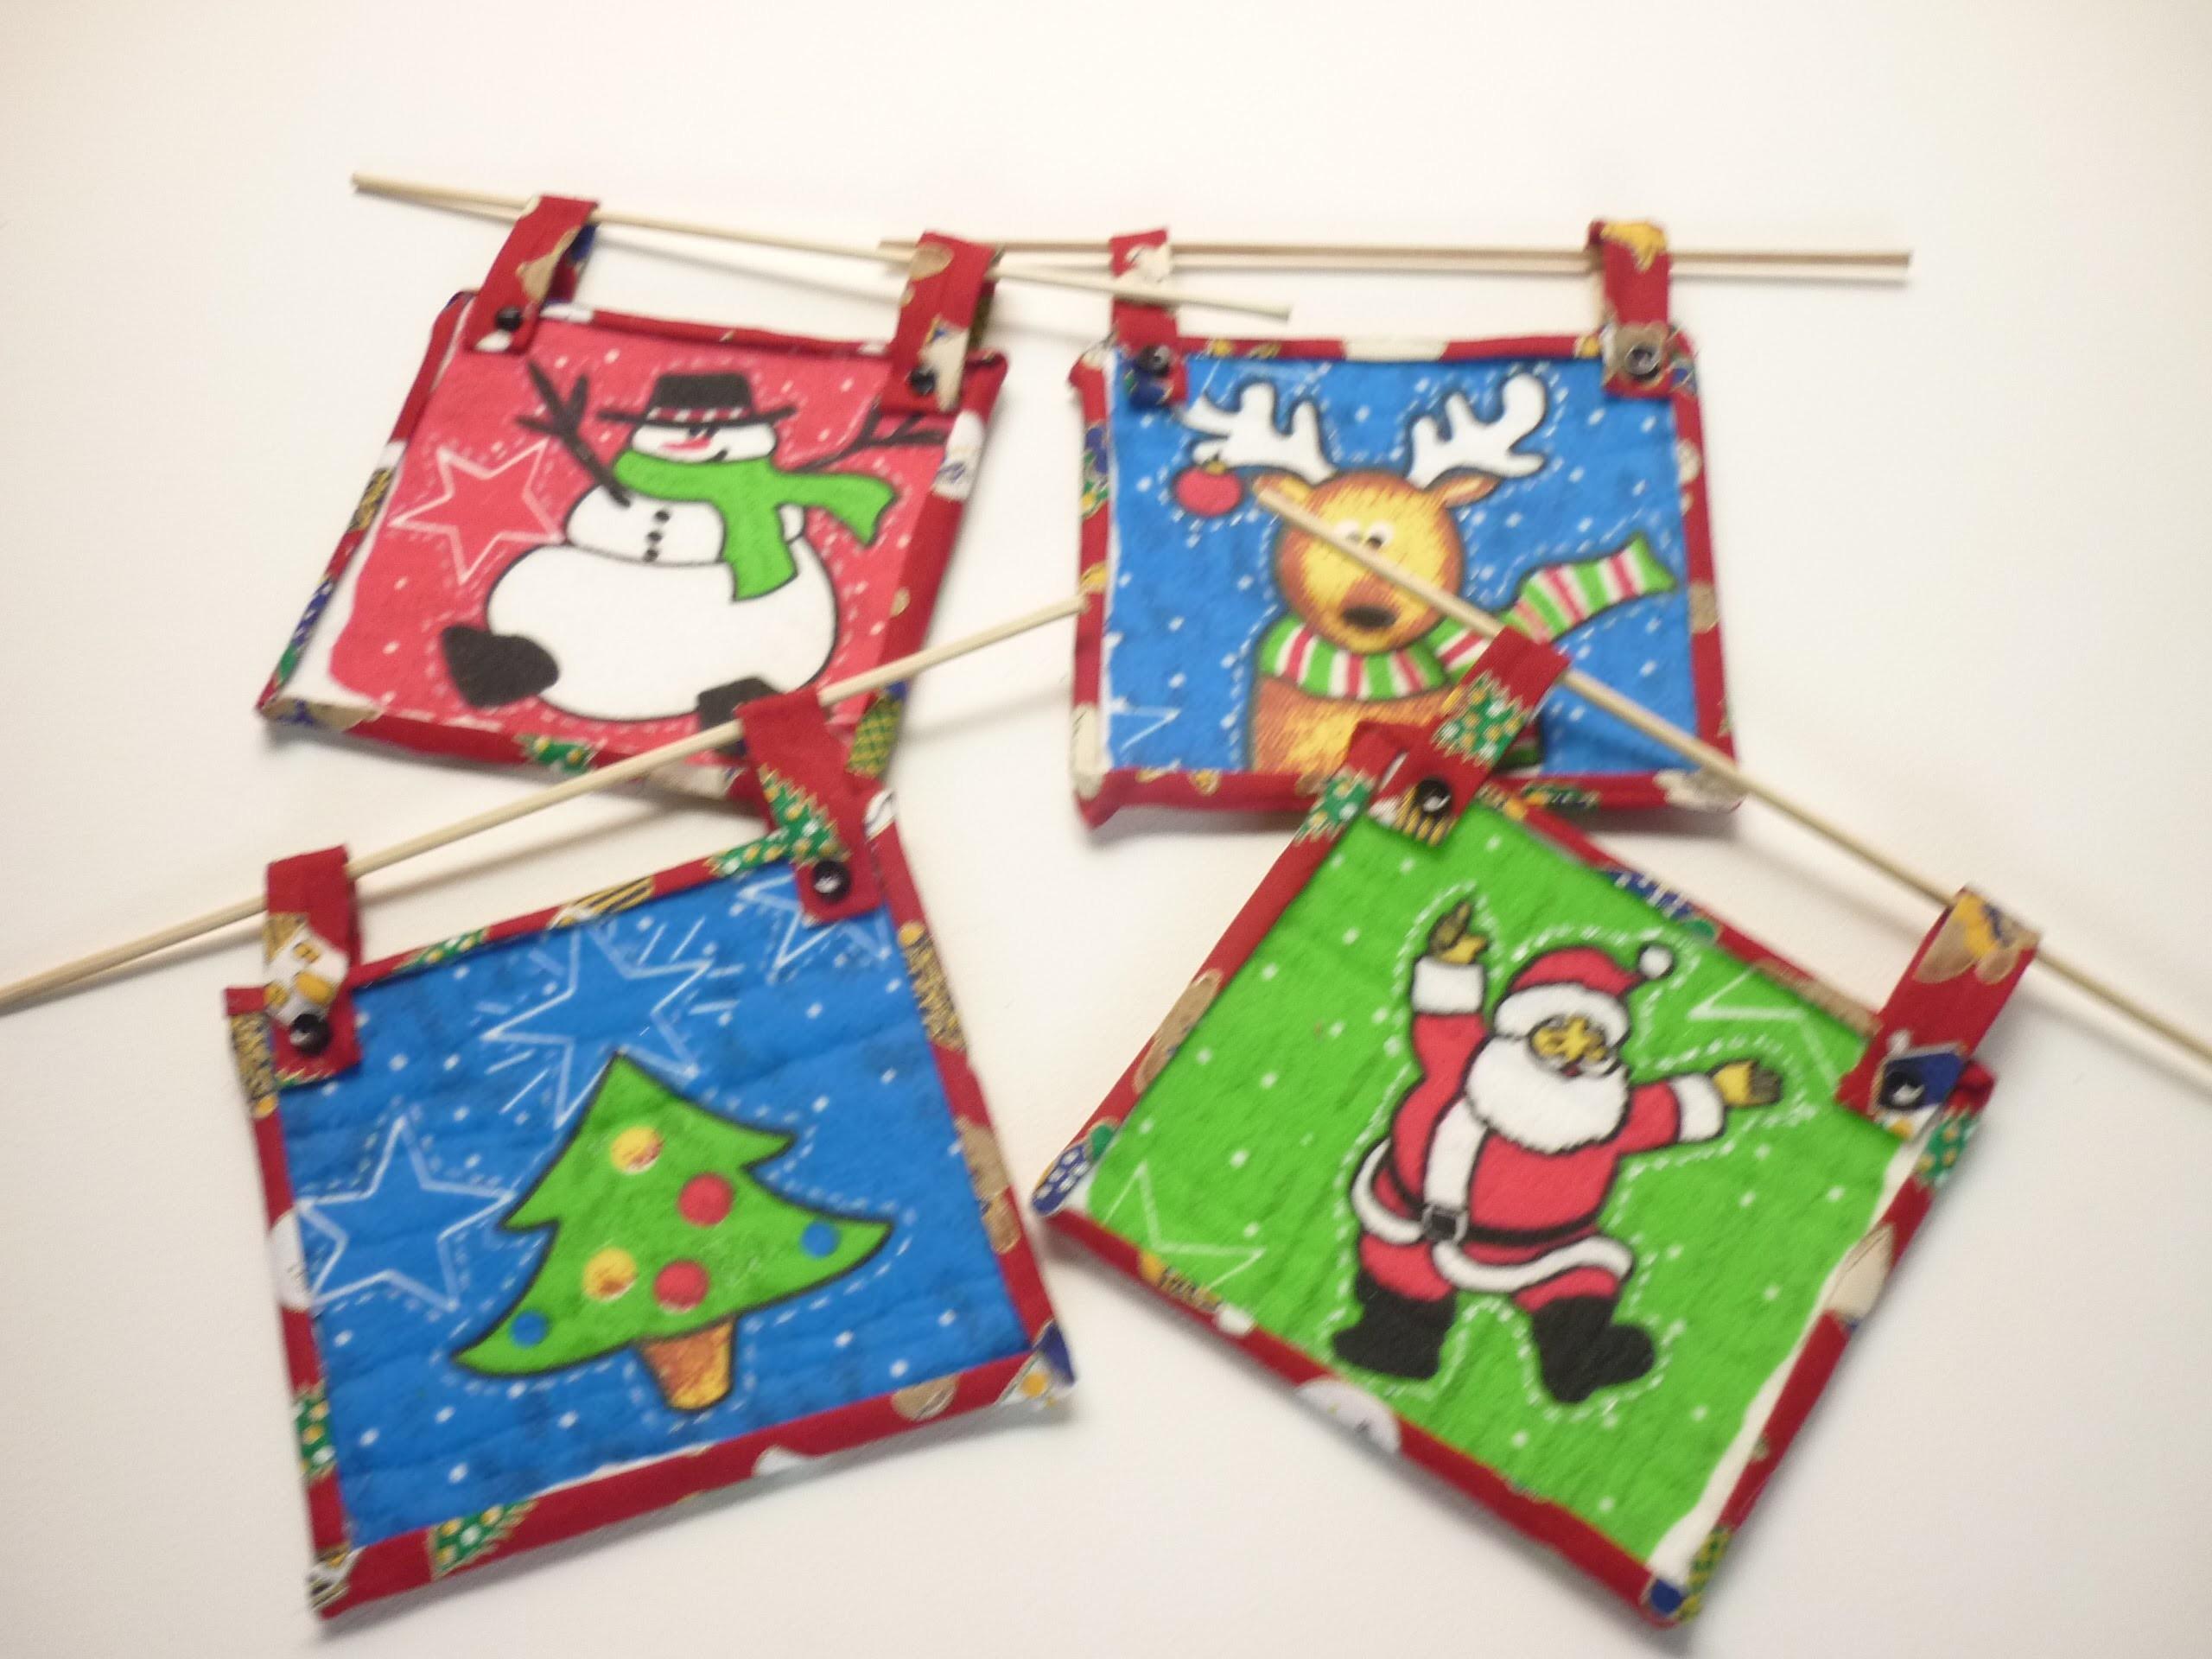 Manualidades para Navidad:  CUADROS en PATCHWORK  - PICTURES patchwork with limpión ( Imitation )